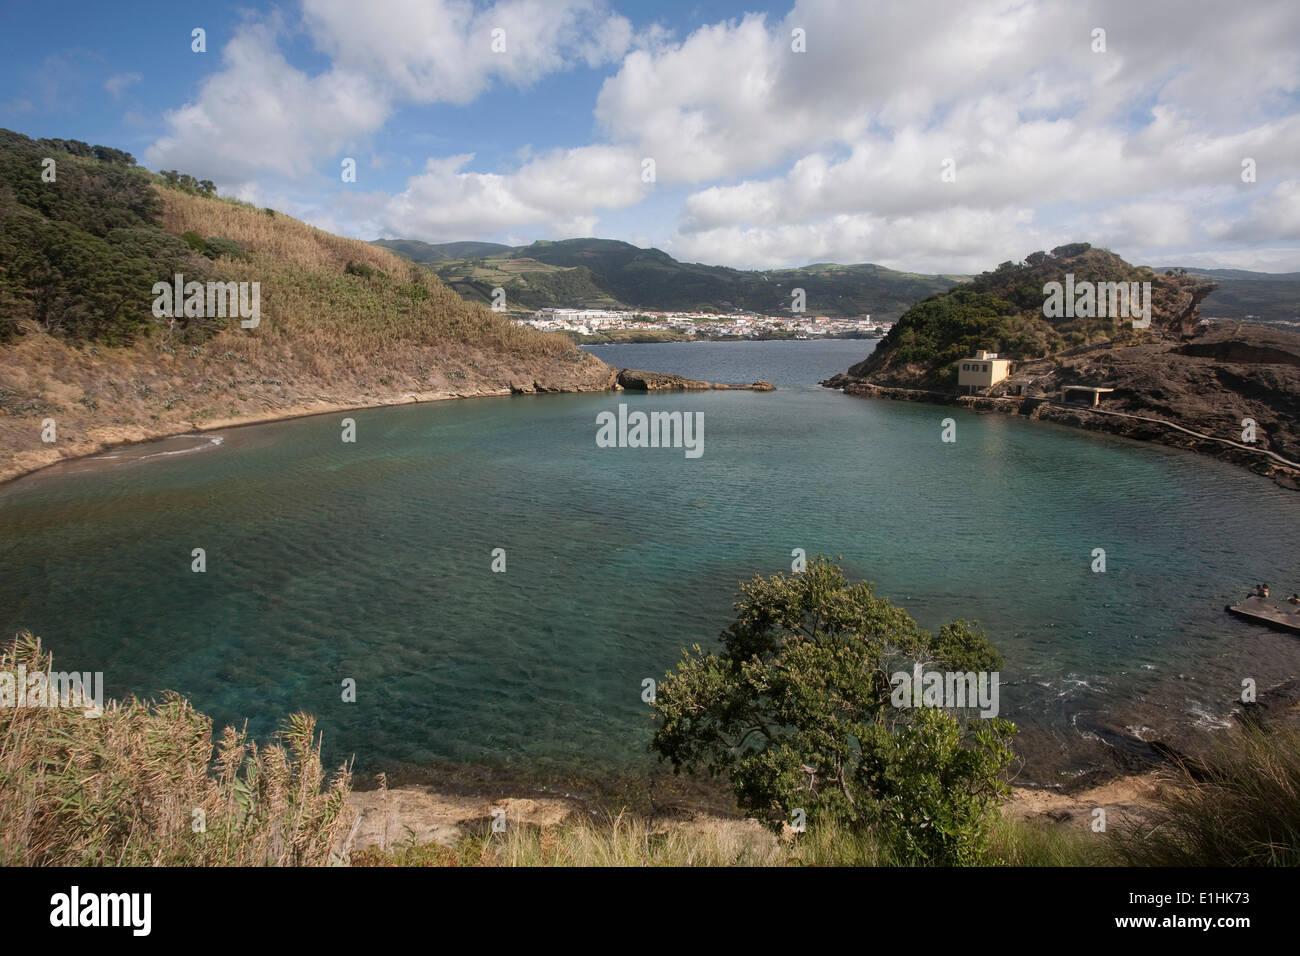 Lagoon, Ilhéu de Vila Franca do Campo, São Miguel, Azores, Portugal - Stock Image